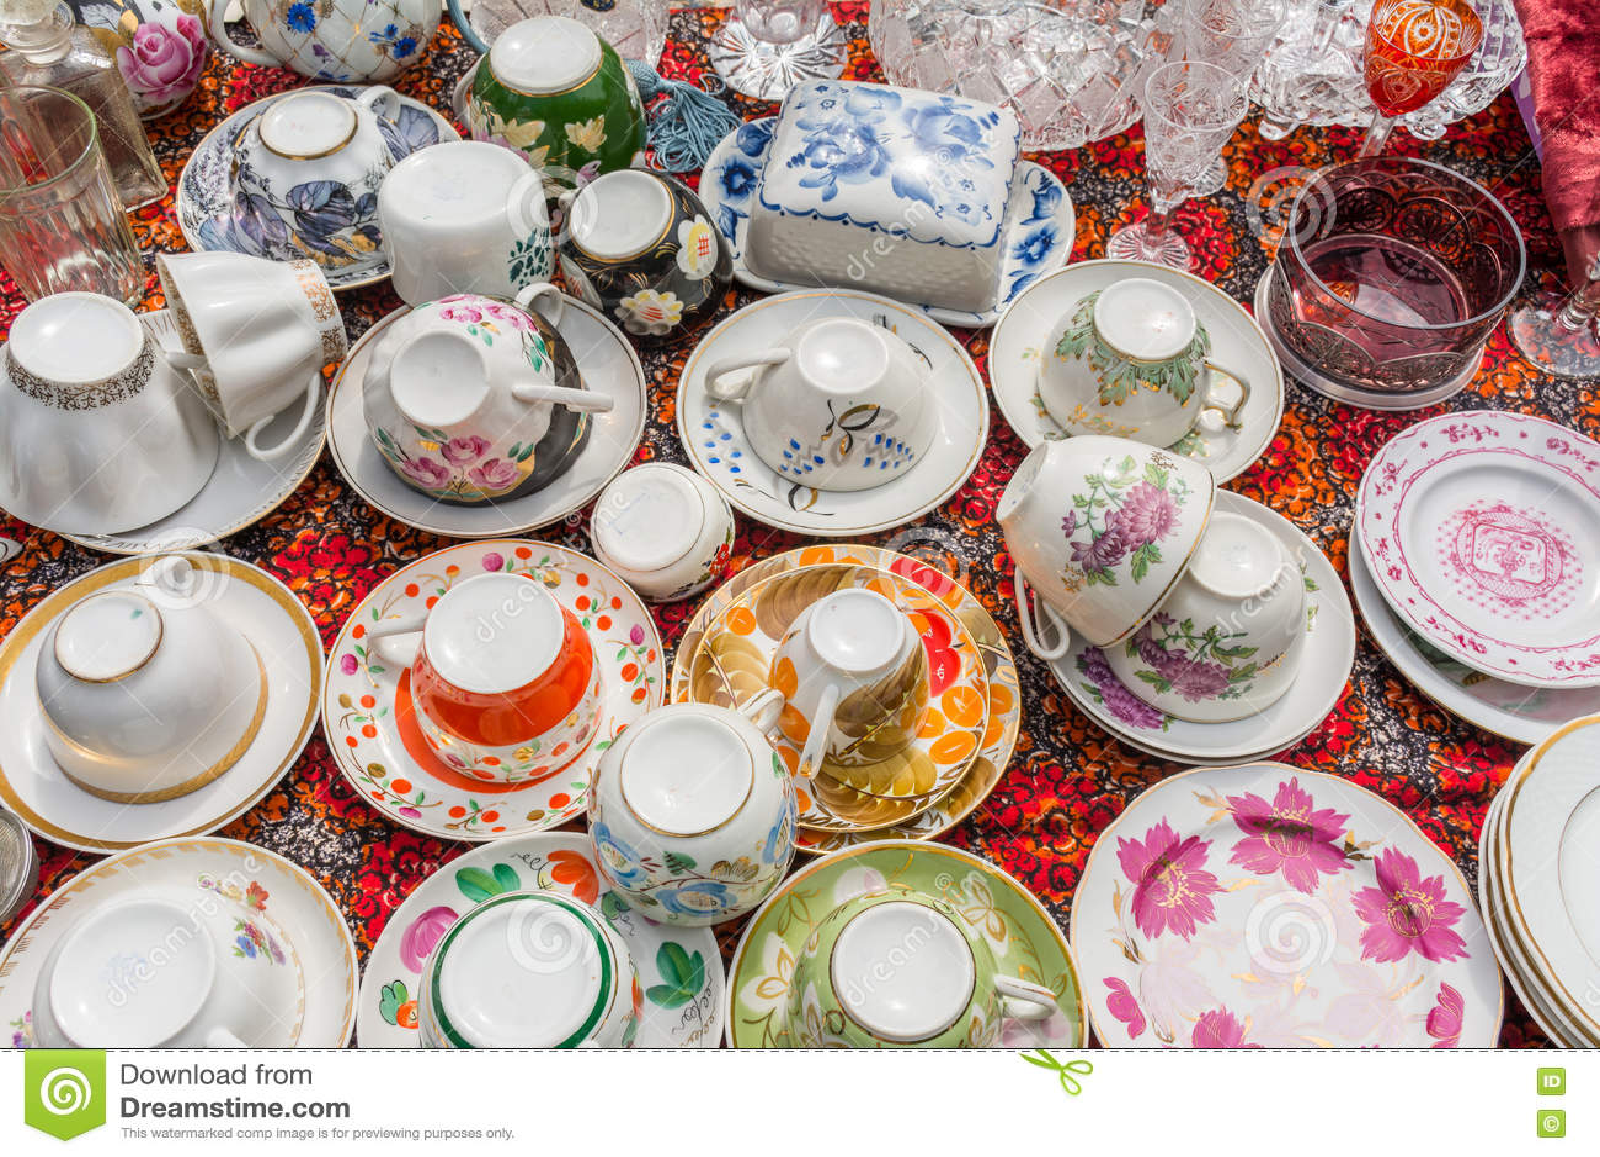 Feira da ladra velha do kitchenware (placas, copos etc.)